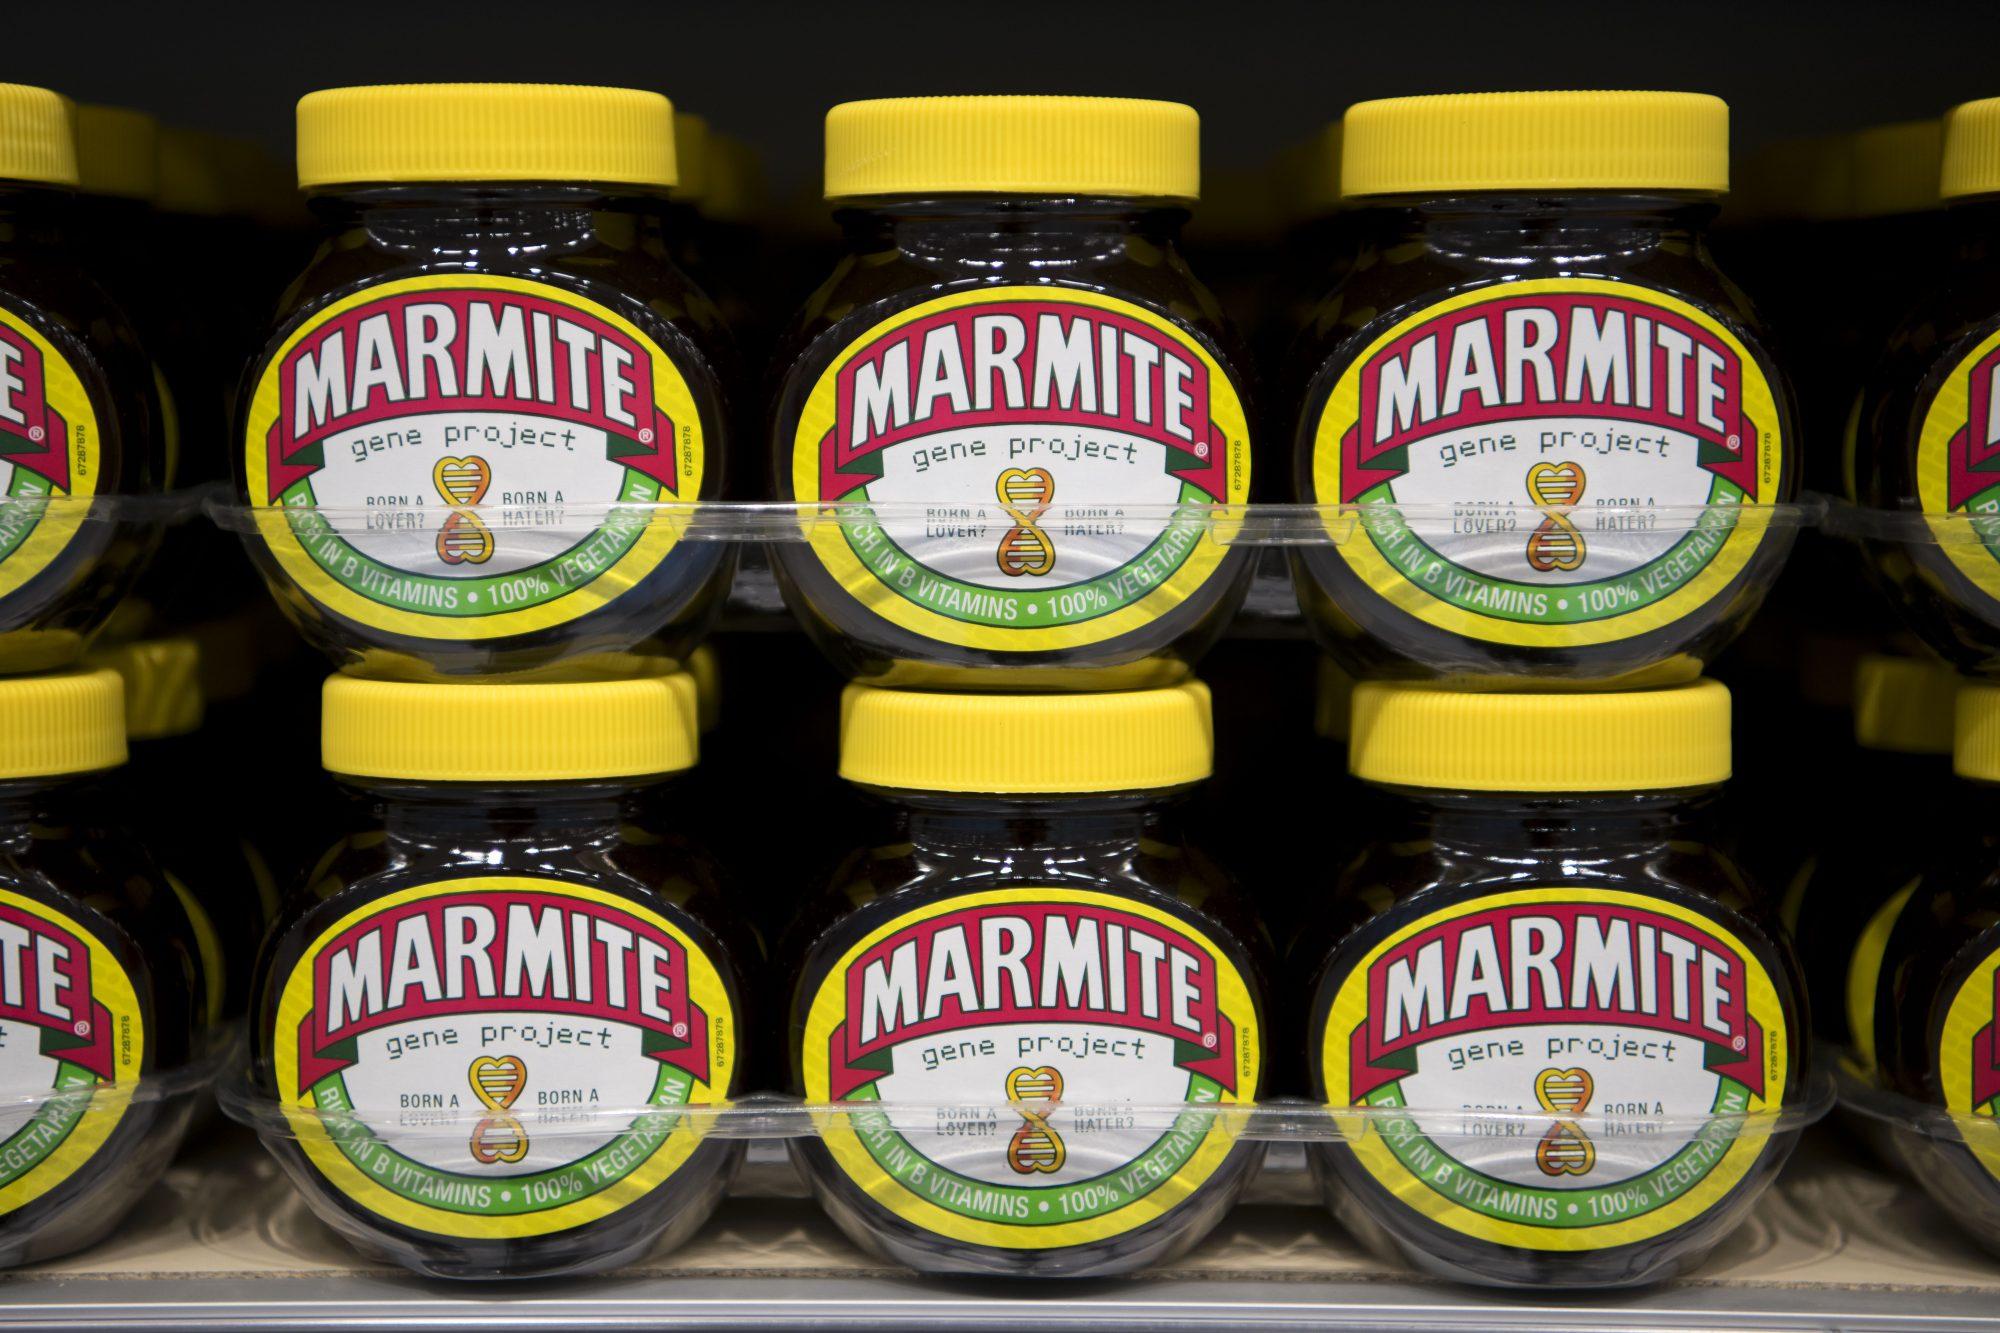 Marmite Getty 6/8/20